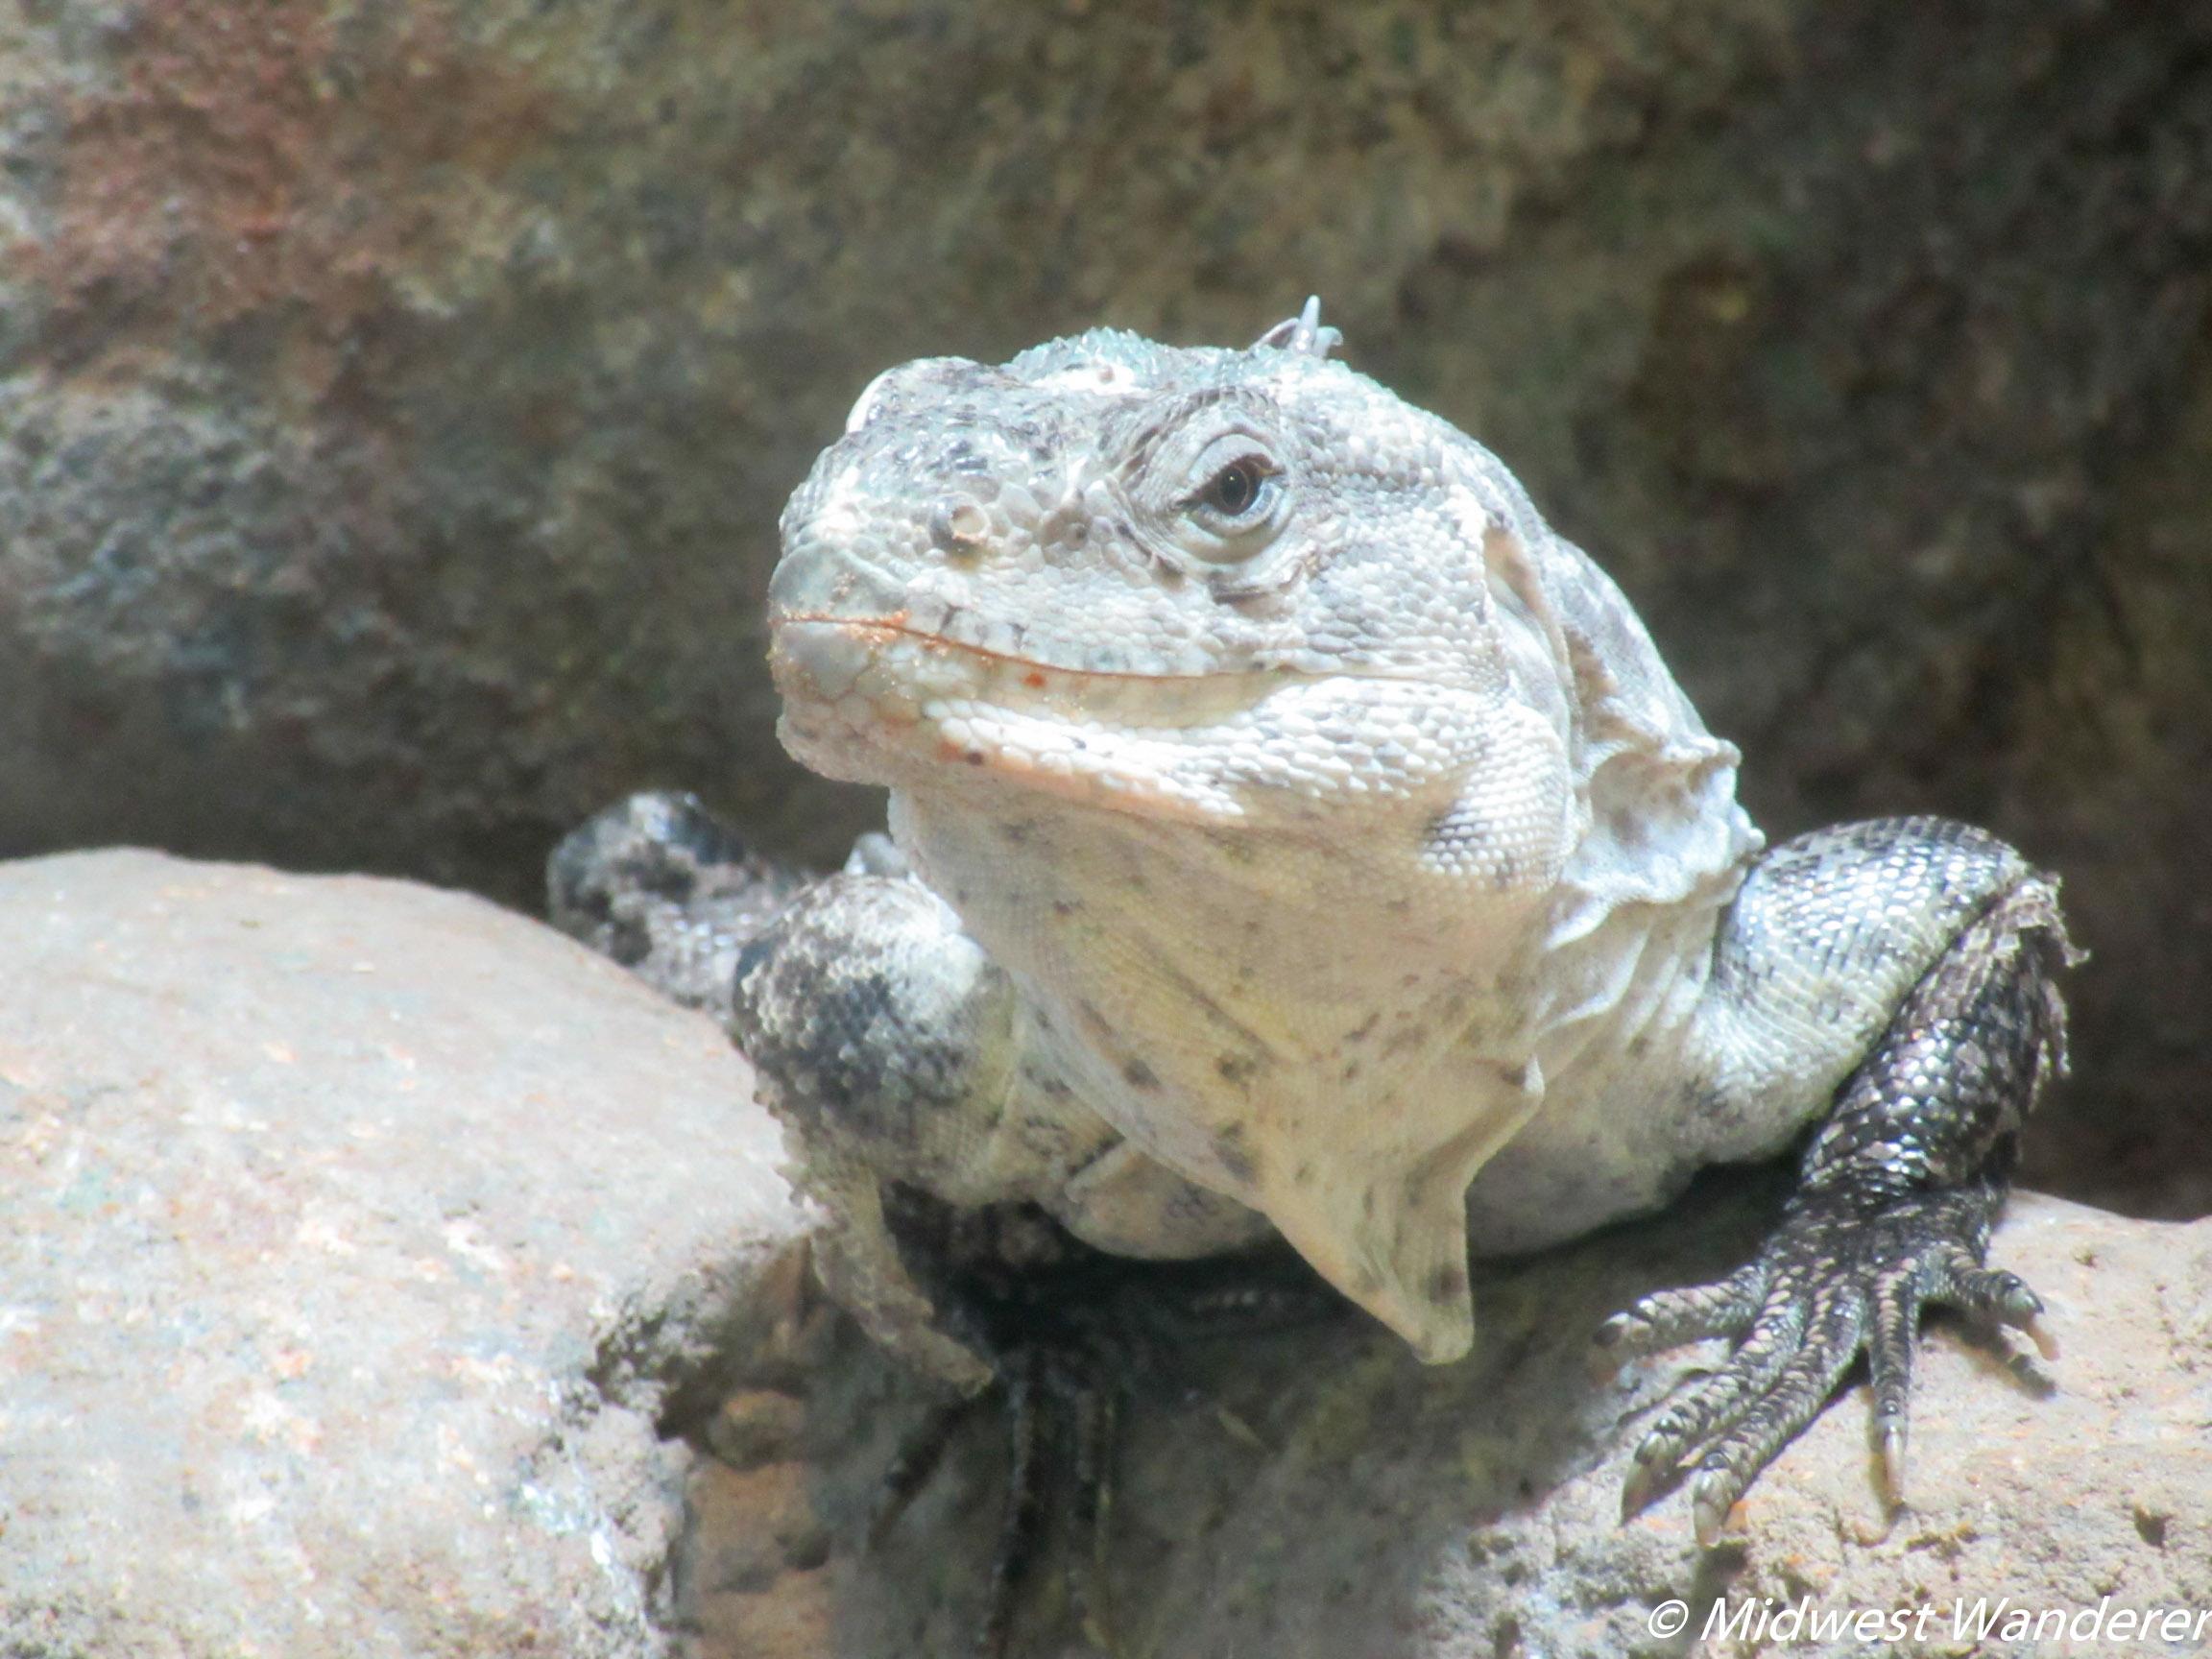 St. Louis Zoo - Lizard Two